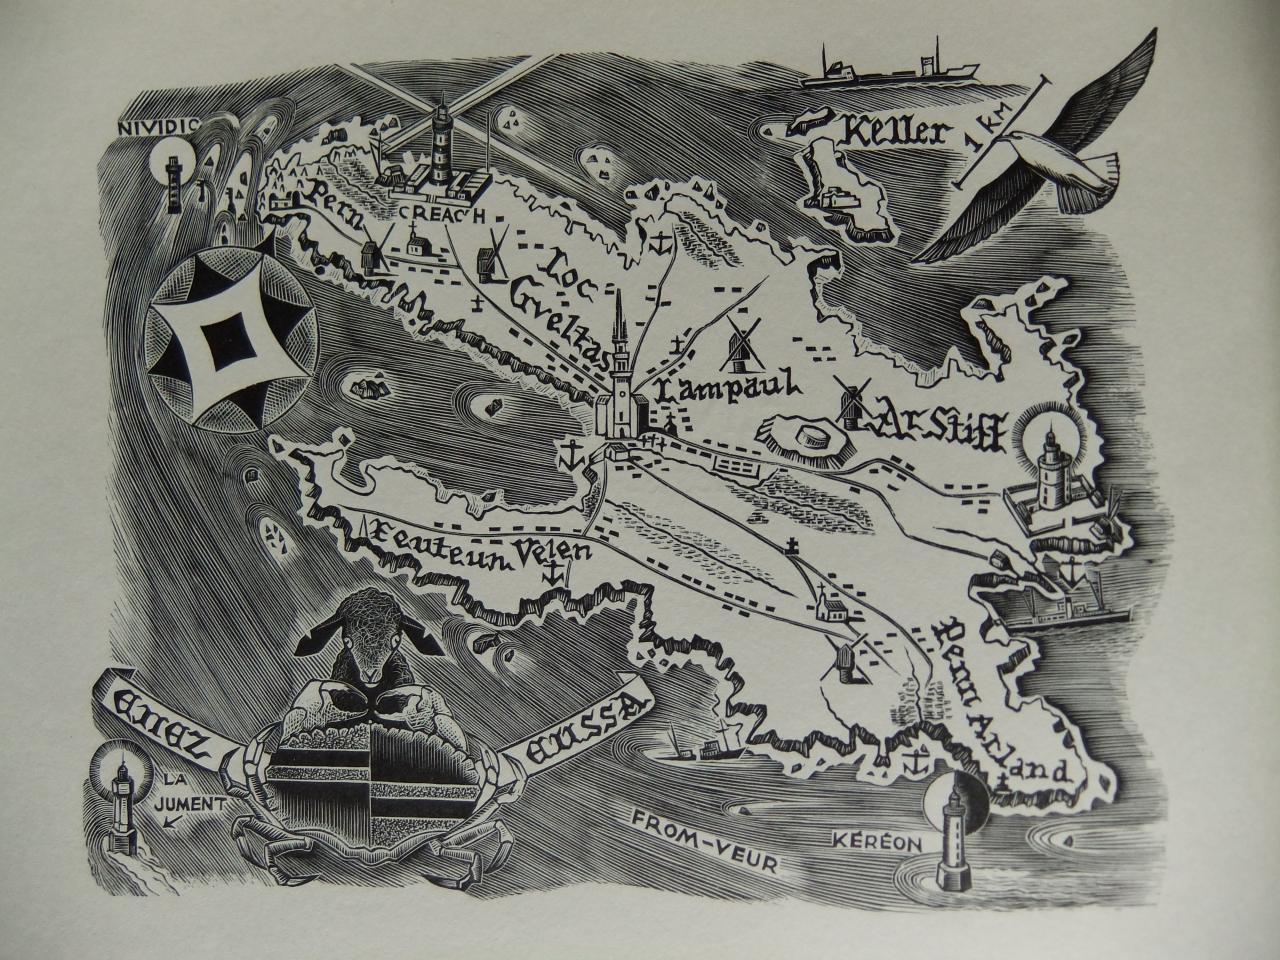 Carte de l'ile d'Ouessant par Jean Chieze